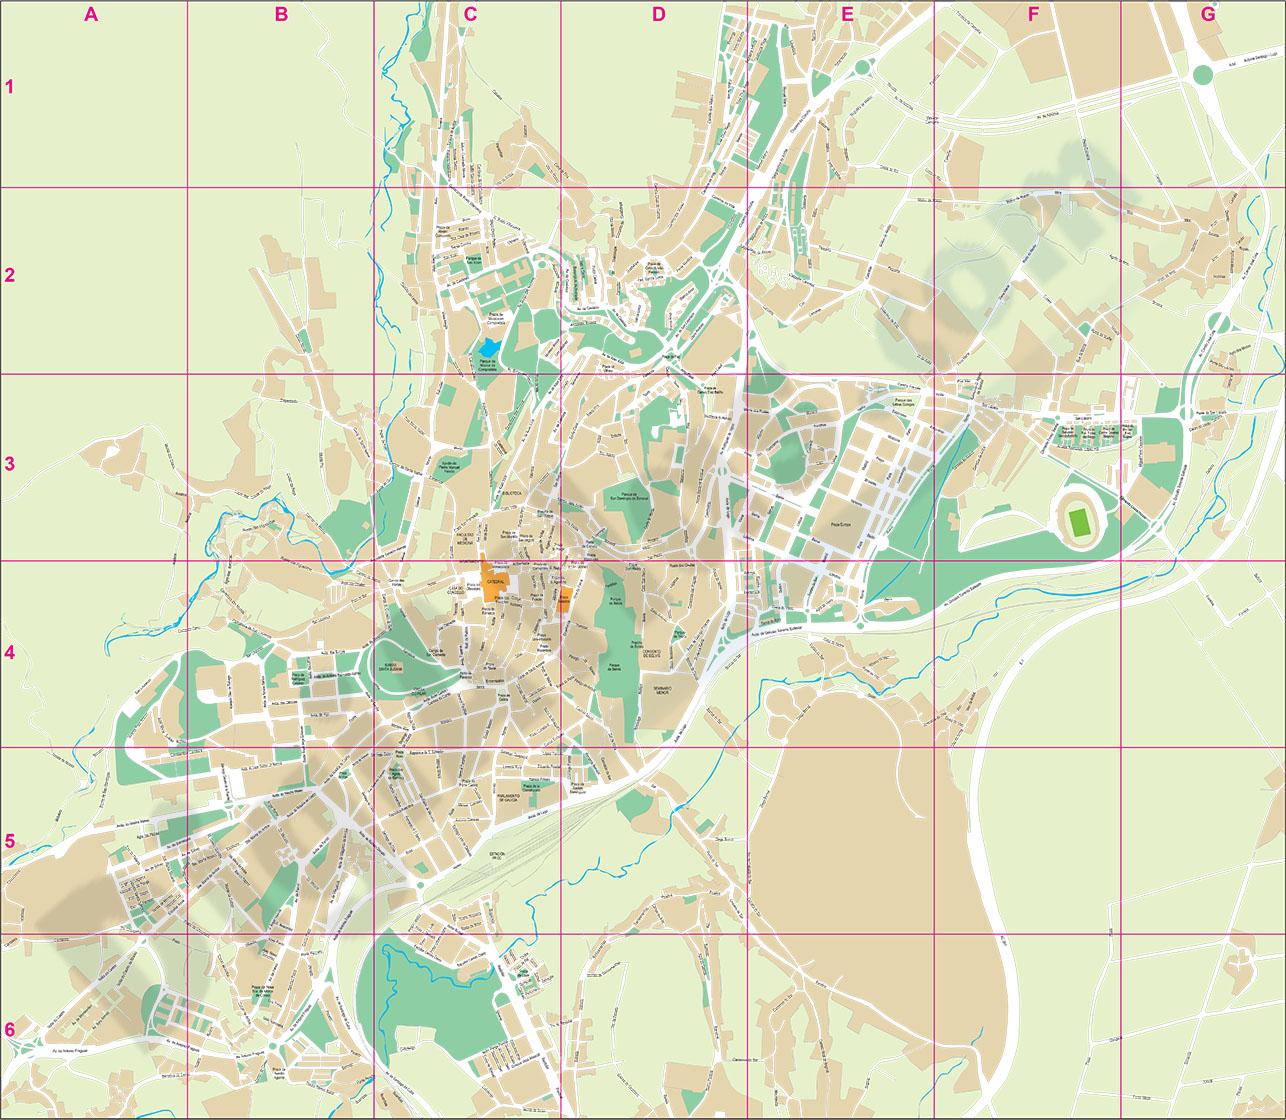 Santiago de compostela a corua spain city map